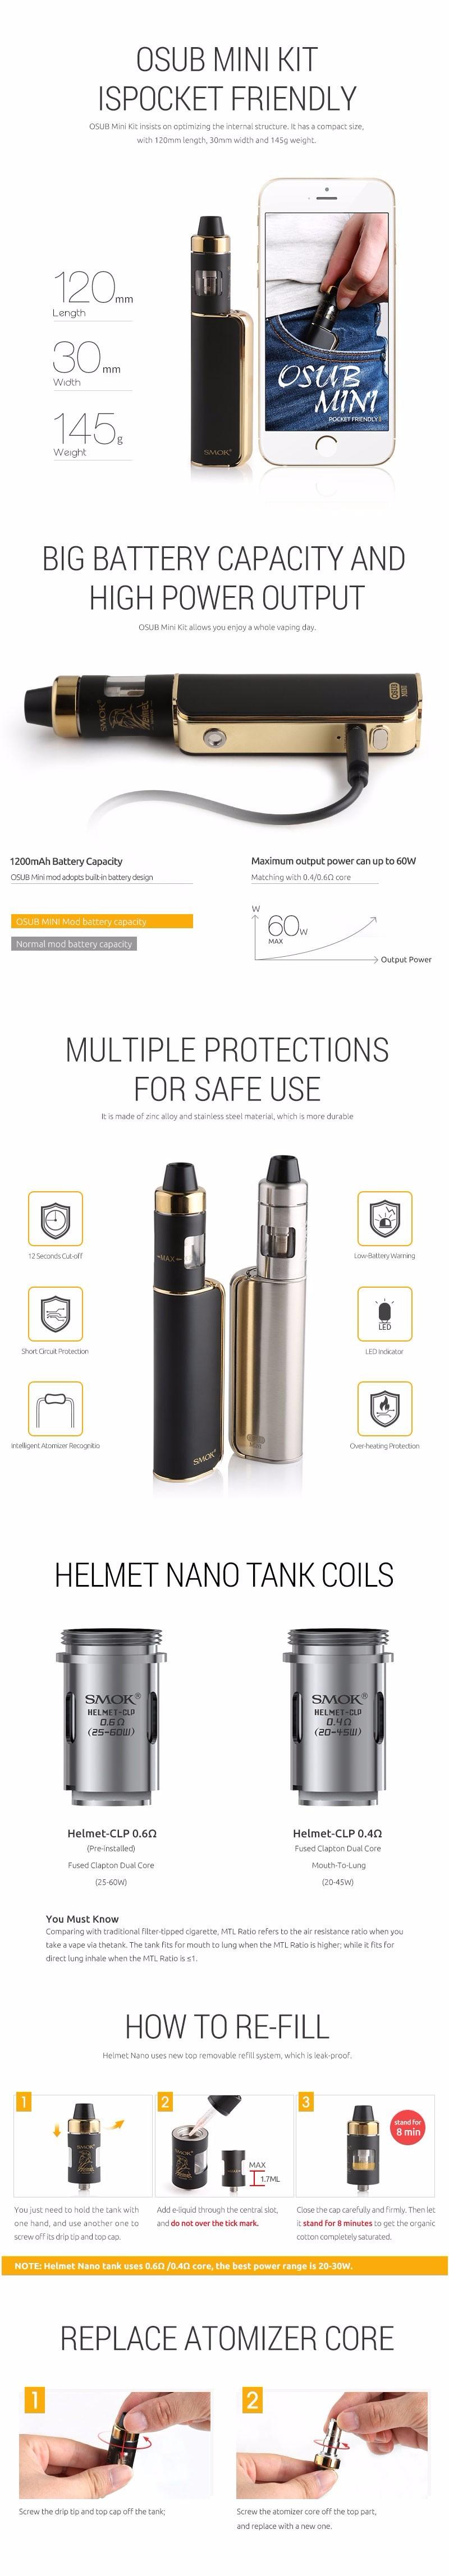 ถูก ของแท้100% SMOK OSUBมินิ60วัตต์ไอVaporizer Starterบุหรี่อิเล็กทรอนิกส์ชุดมอระกู่อิเล็กทรอนิกส์nargile E-บุหรี่